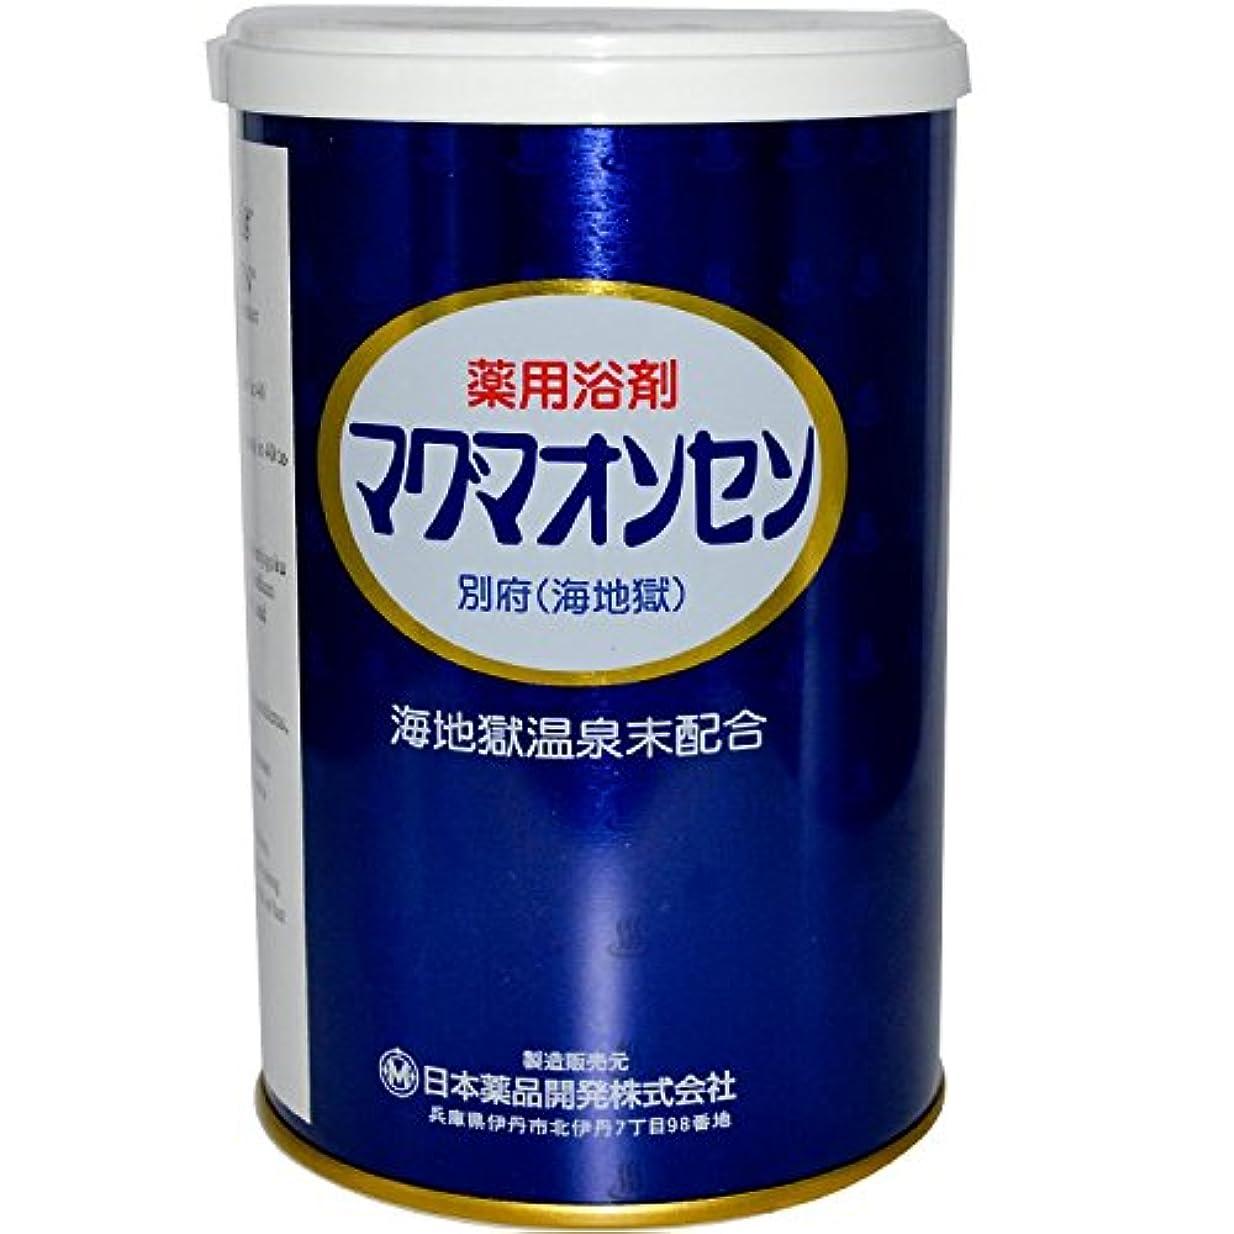 パステル作り代替案マグマオンセン別府(海地獄) 500g三缶